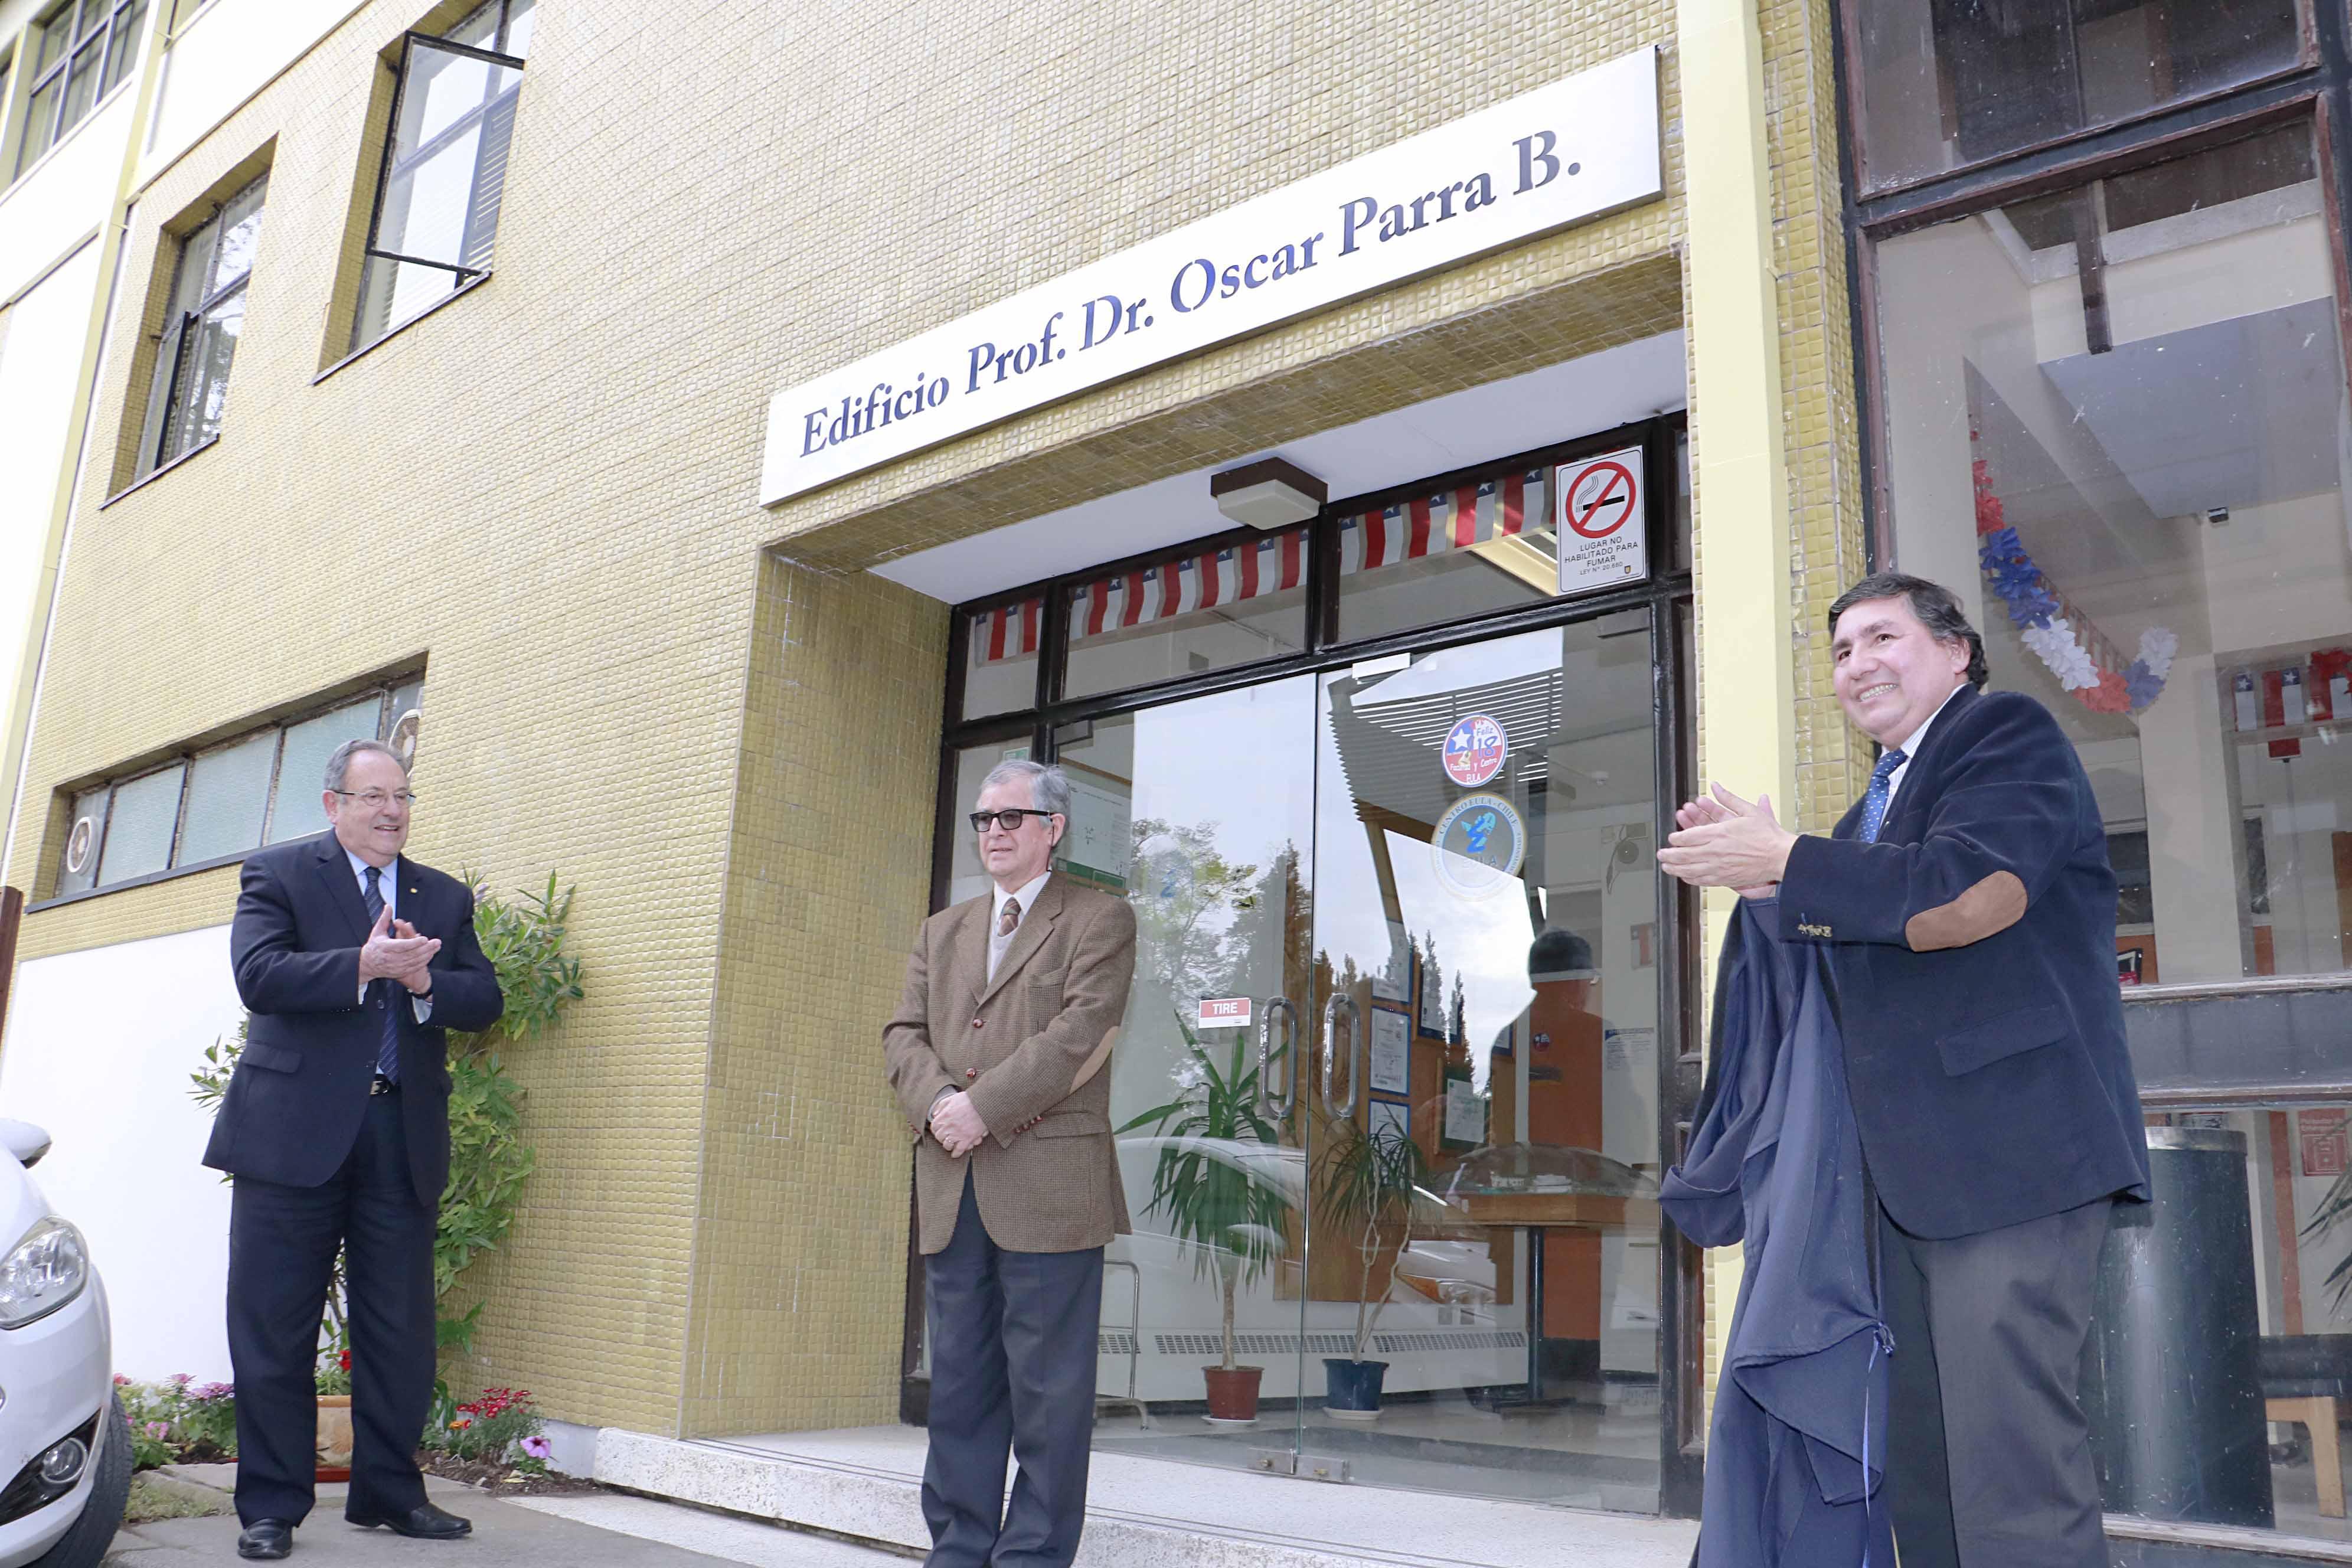 Eula homenajeó a su primer director y rebautizó edificio con su nombre